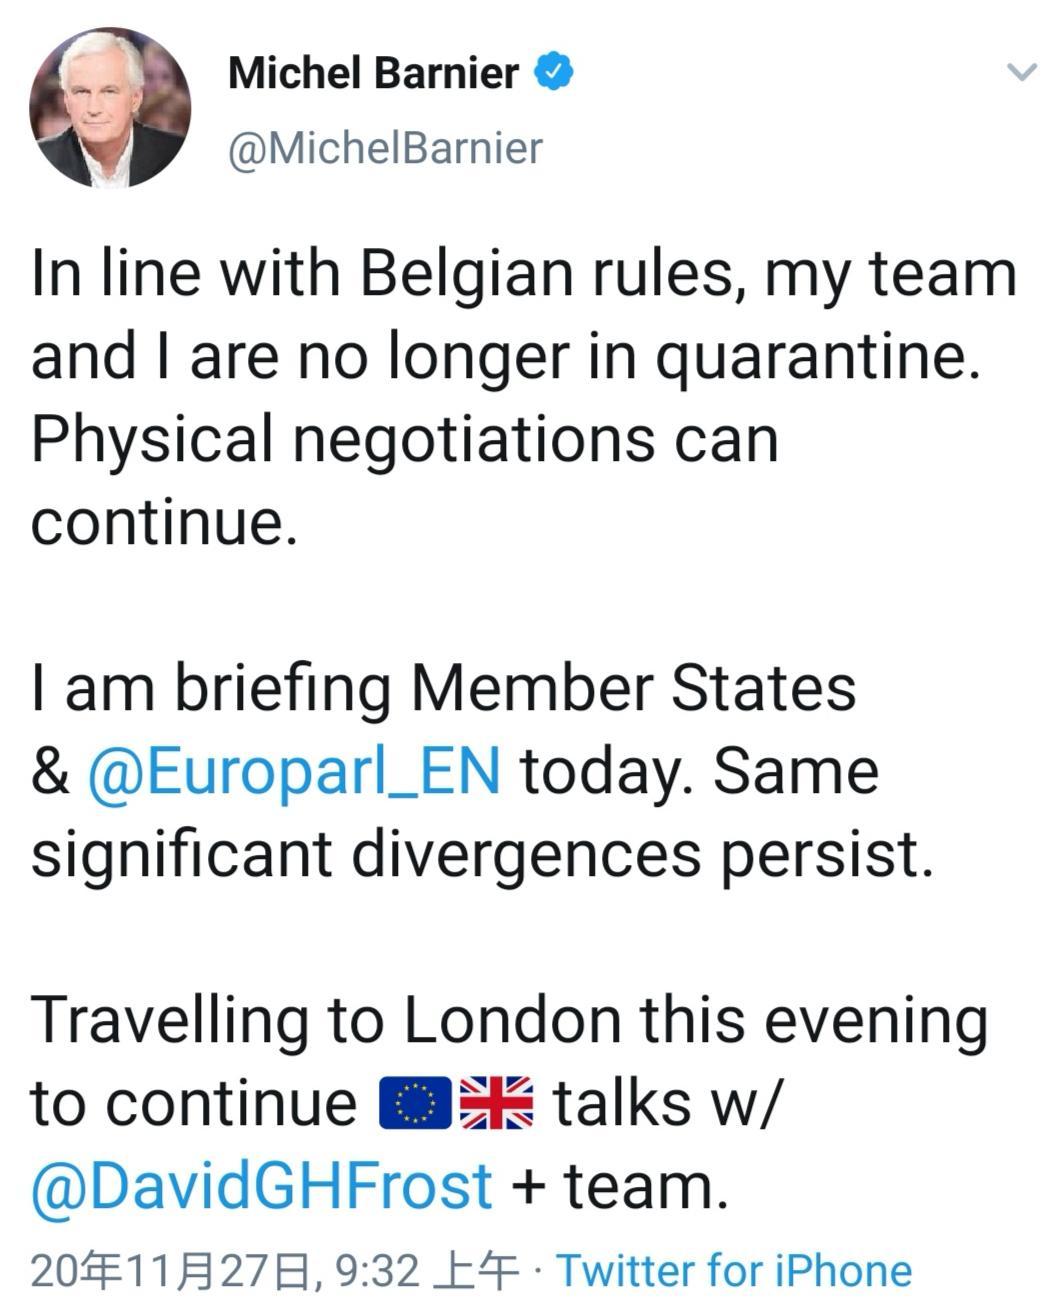 欧盟谈判代表称欧英仍存重大分歧 将在伦敦继续谈判